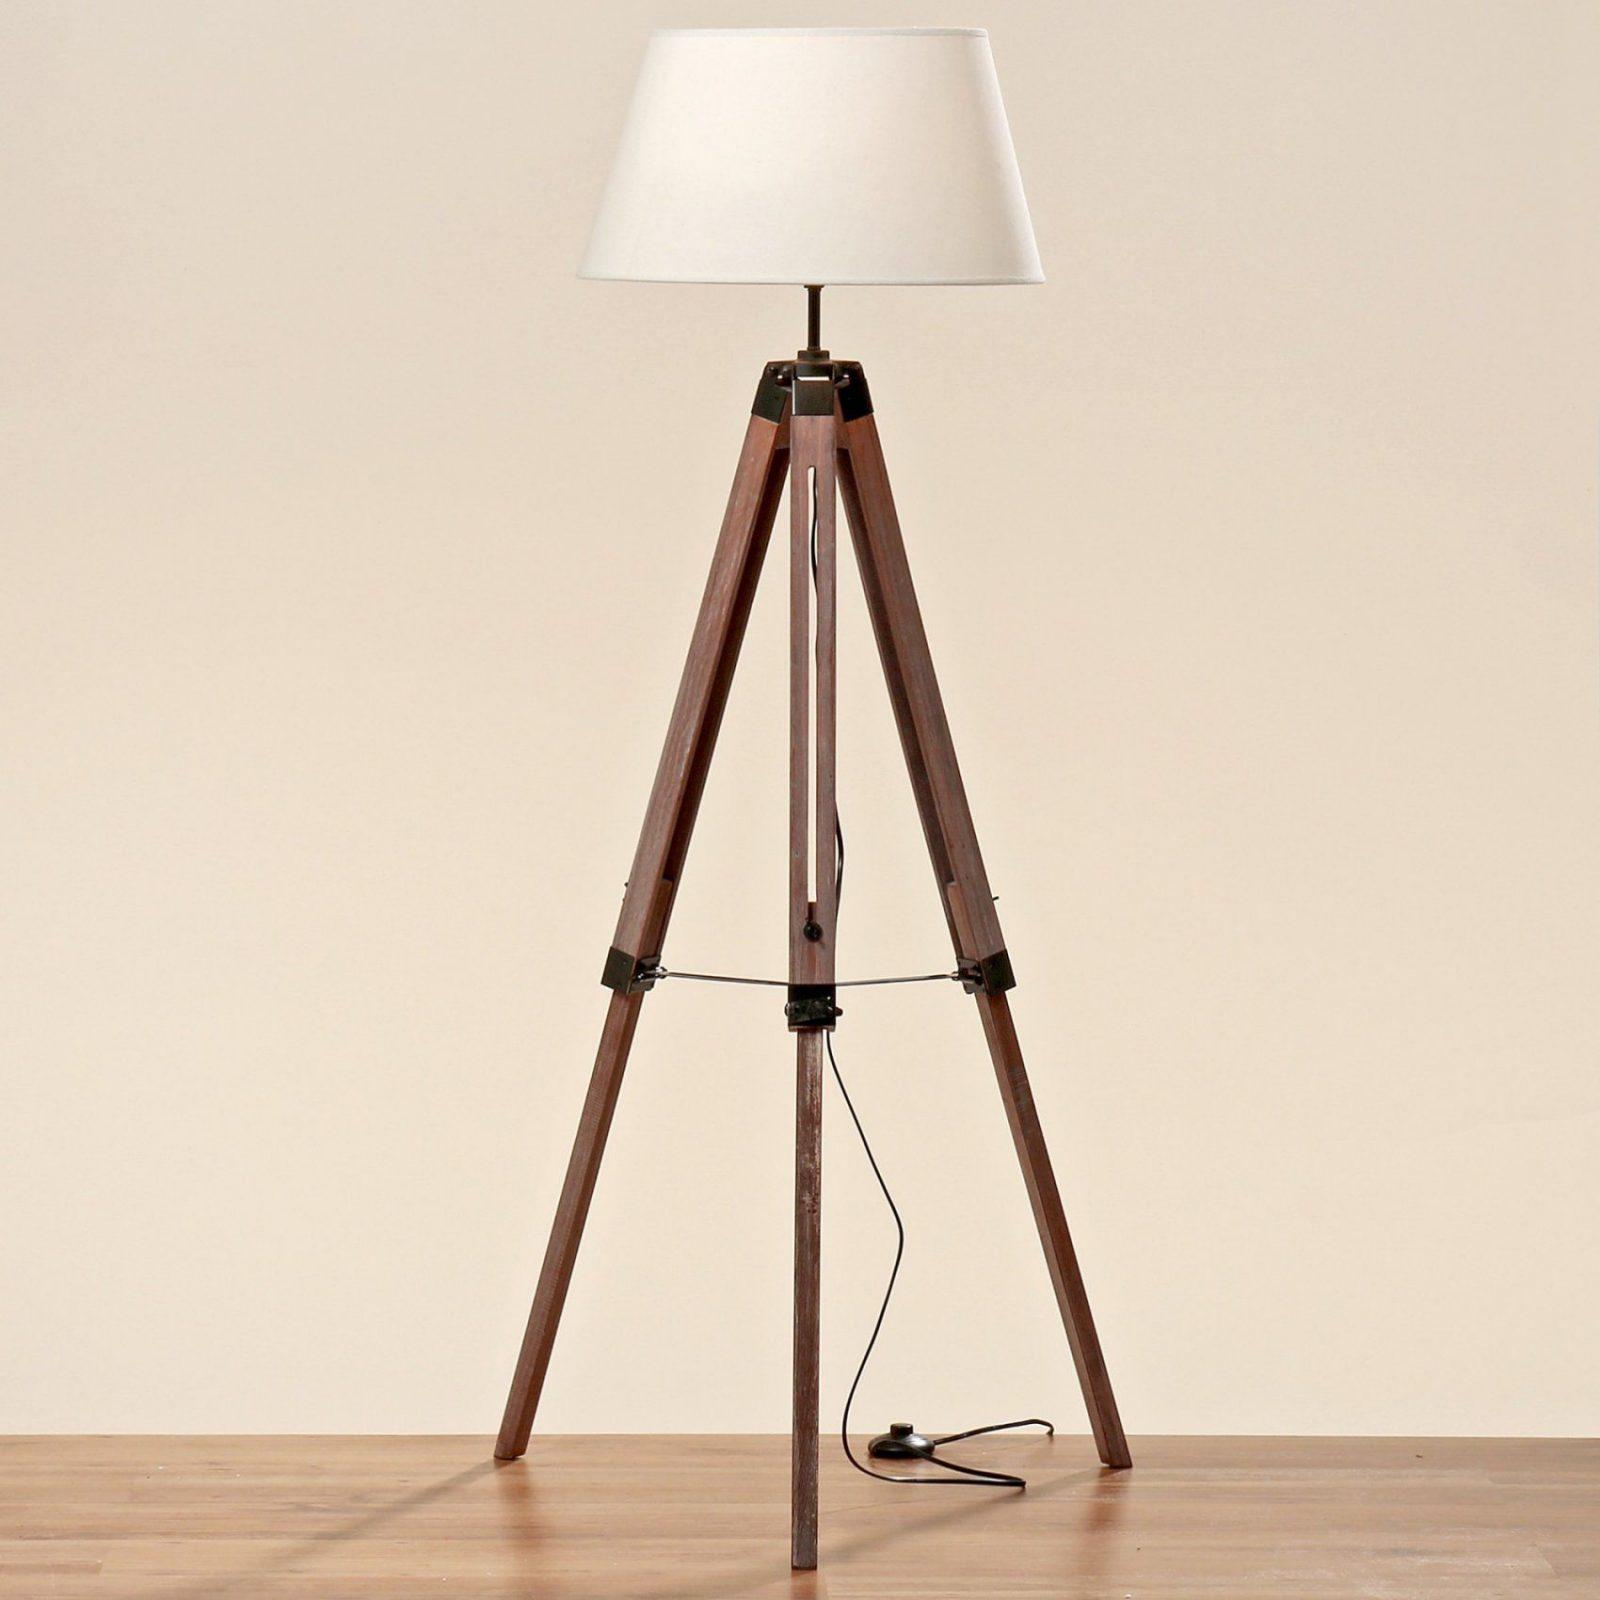 Teleskoplampe 145Cm Holz Schirm Stativ Stehlampe Lampe Teleskop von Stehlampe Mit 3 Beinen Bild